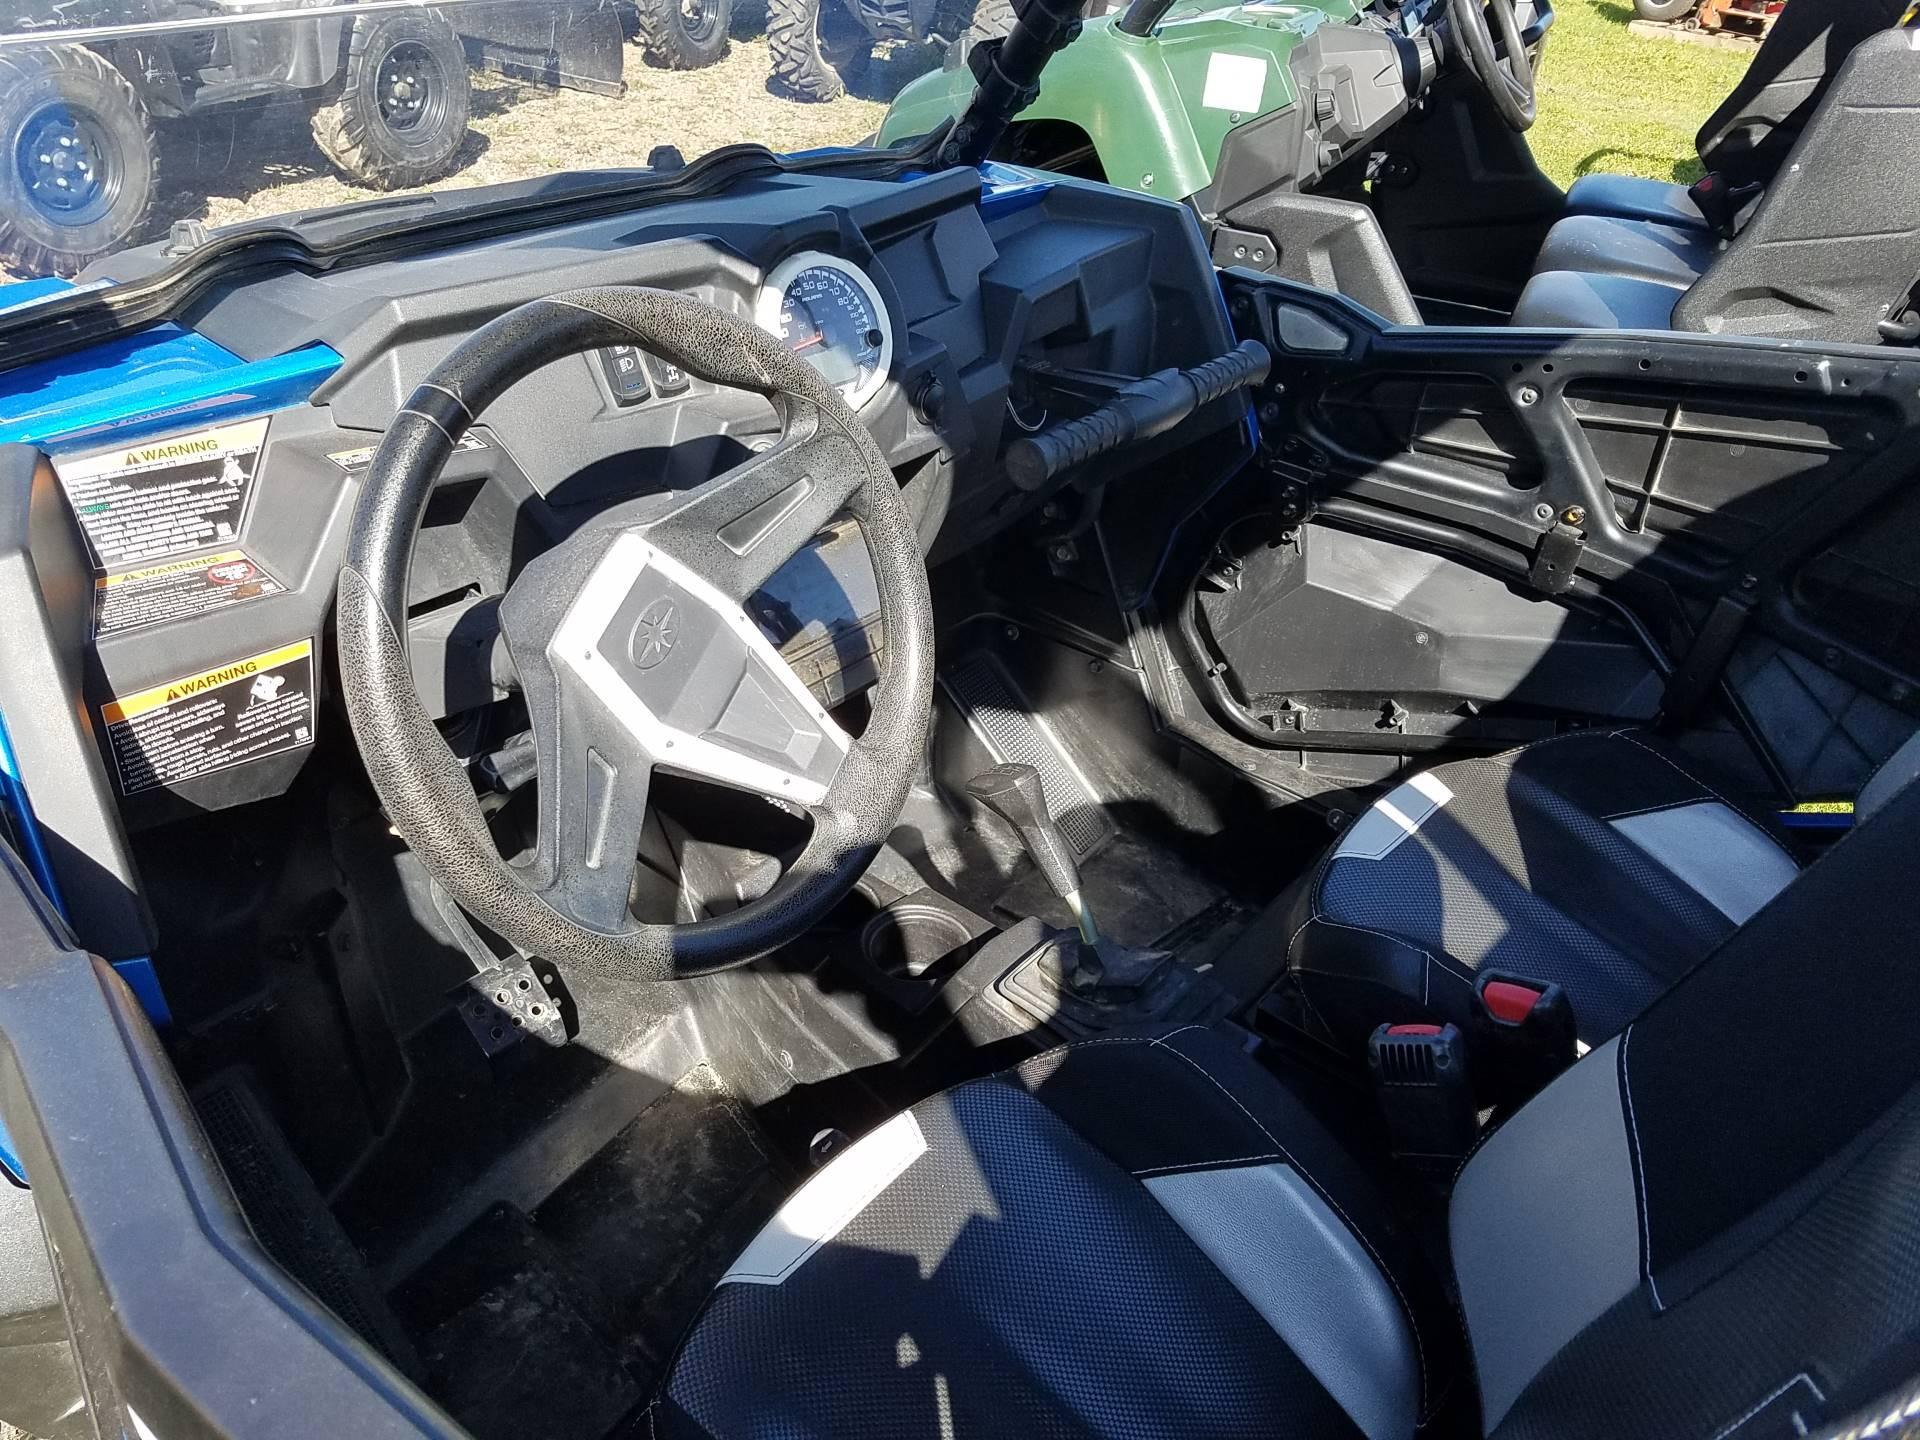 2016 Polaris RZR XP 1000 EPS 4